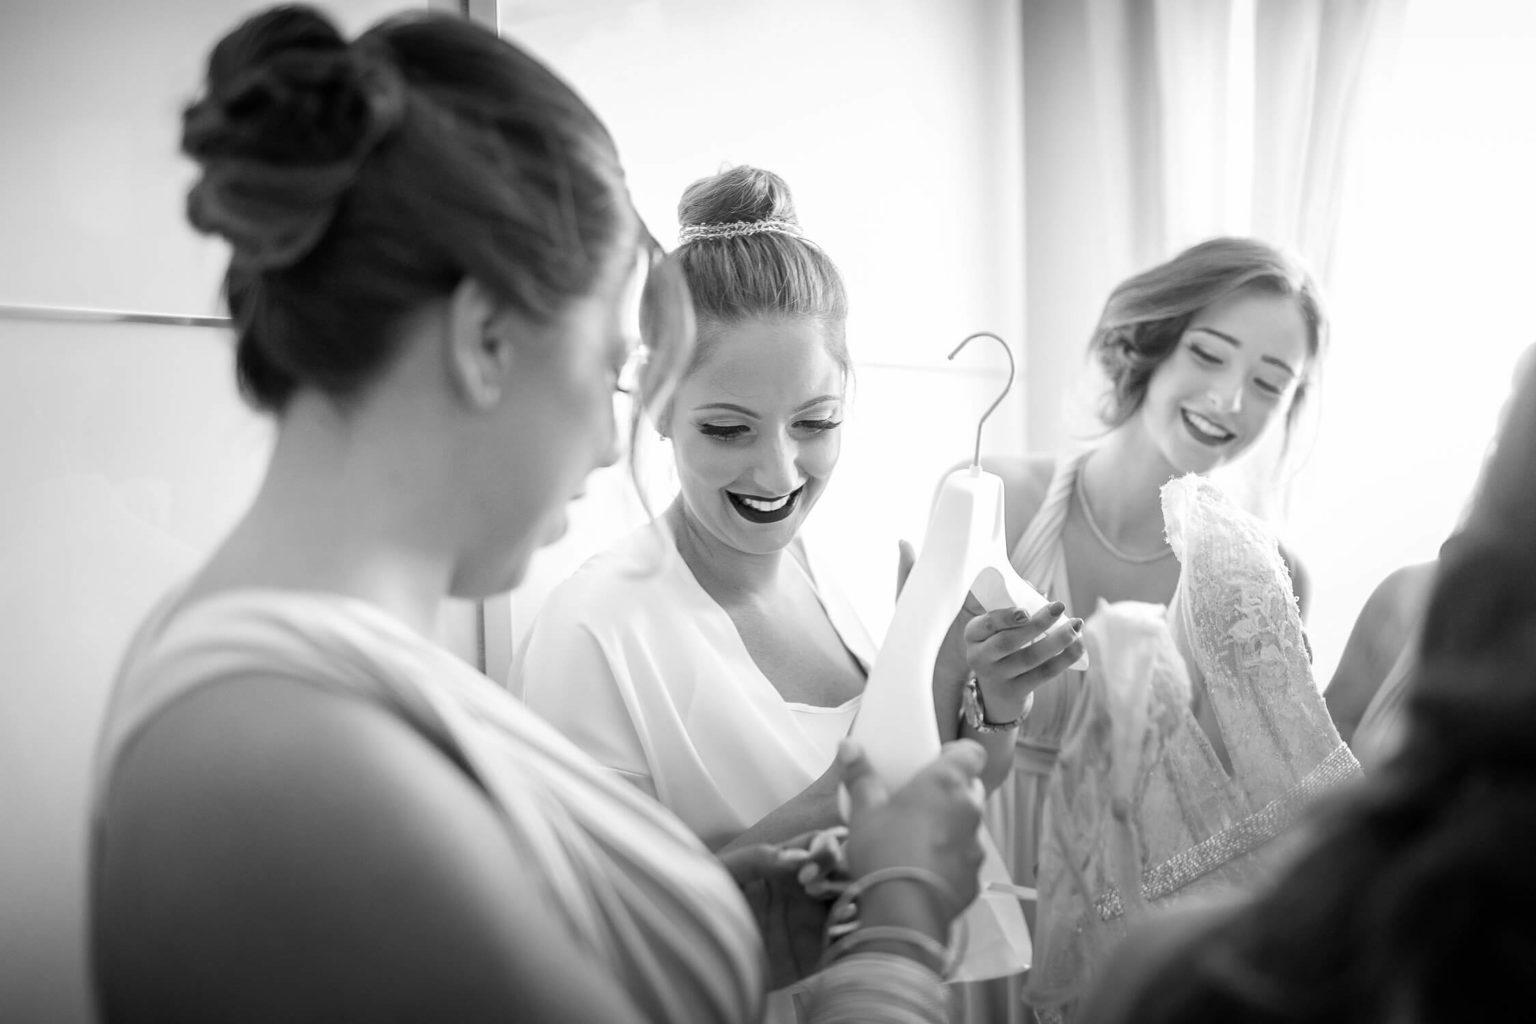 Momenti gioiosi sposa e amiche apprezzano l'abito, foto per matrimonio a Palermo di Nino Lombardo